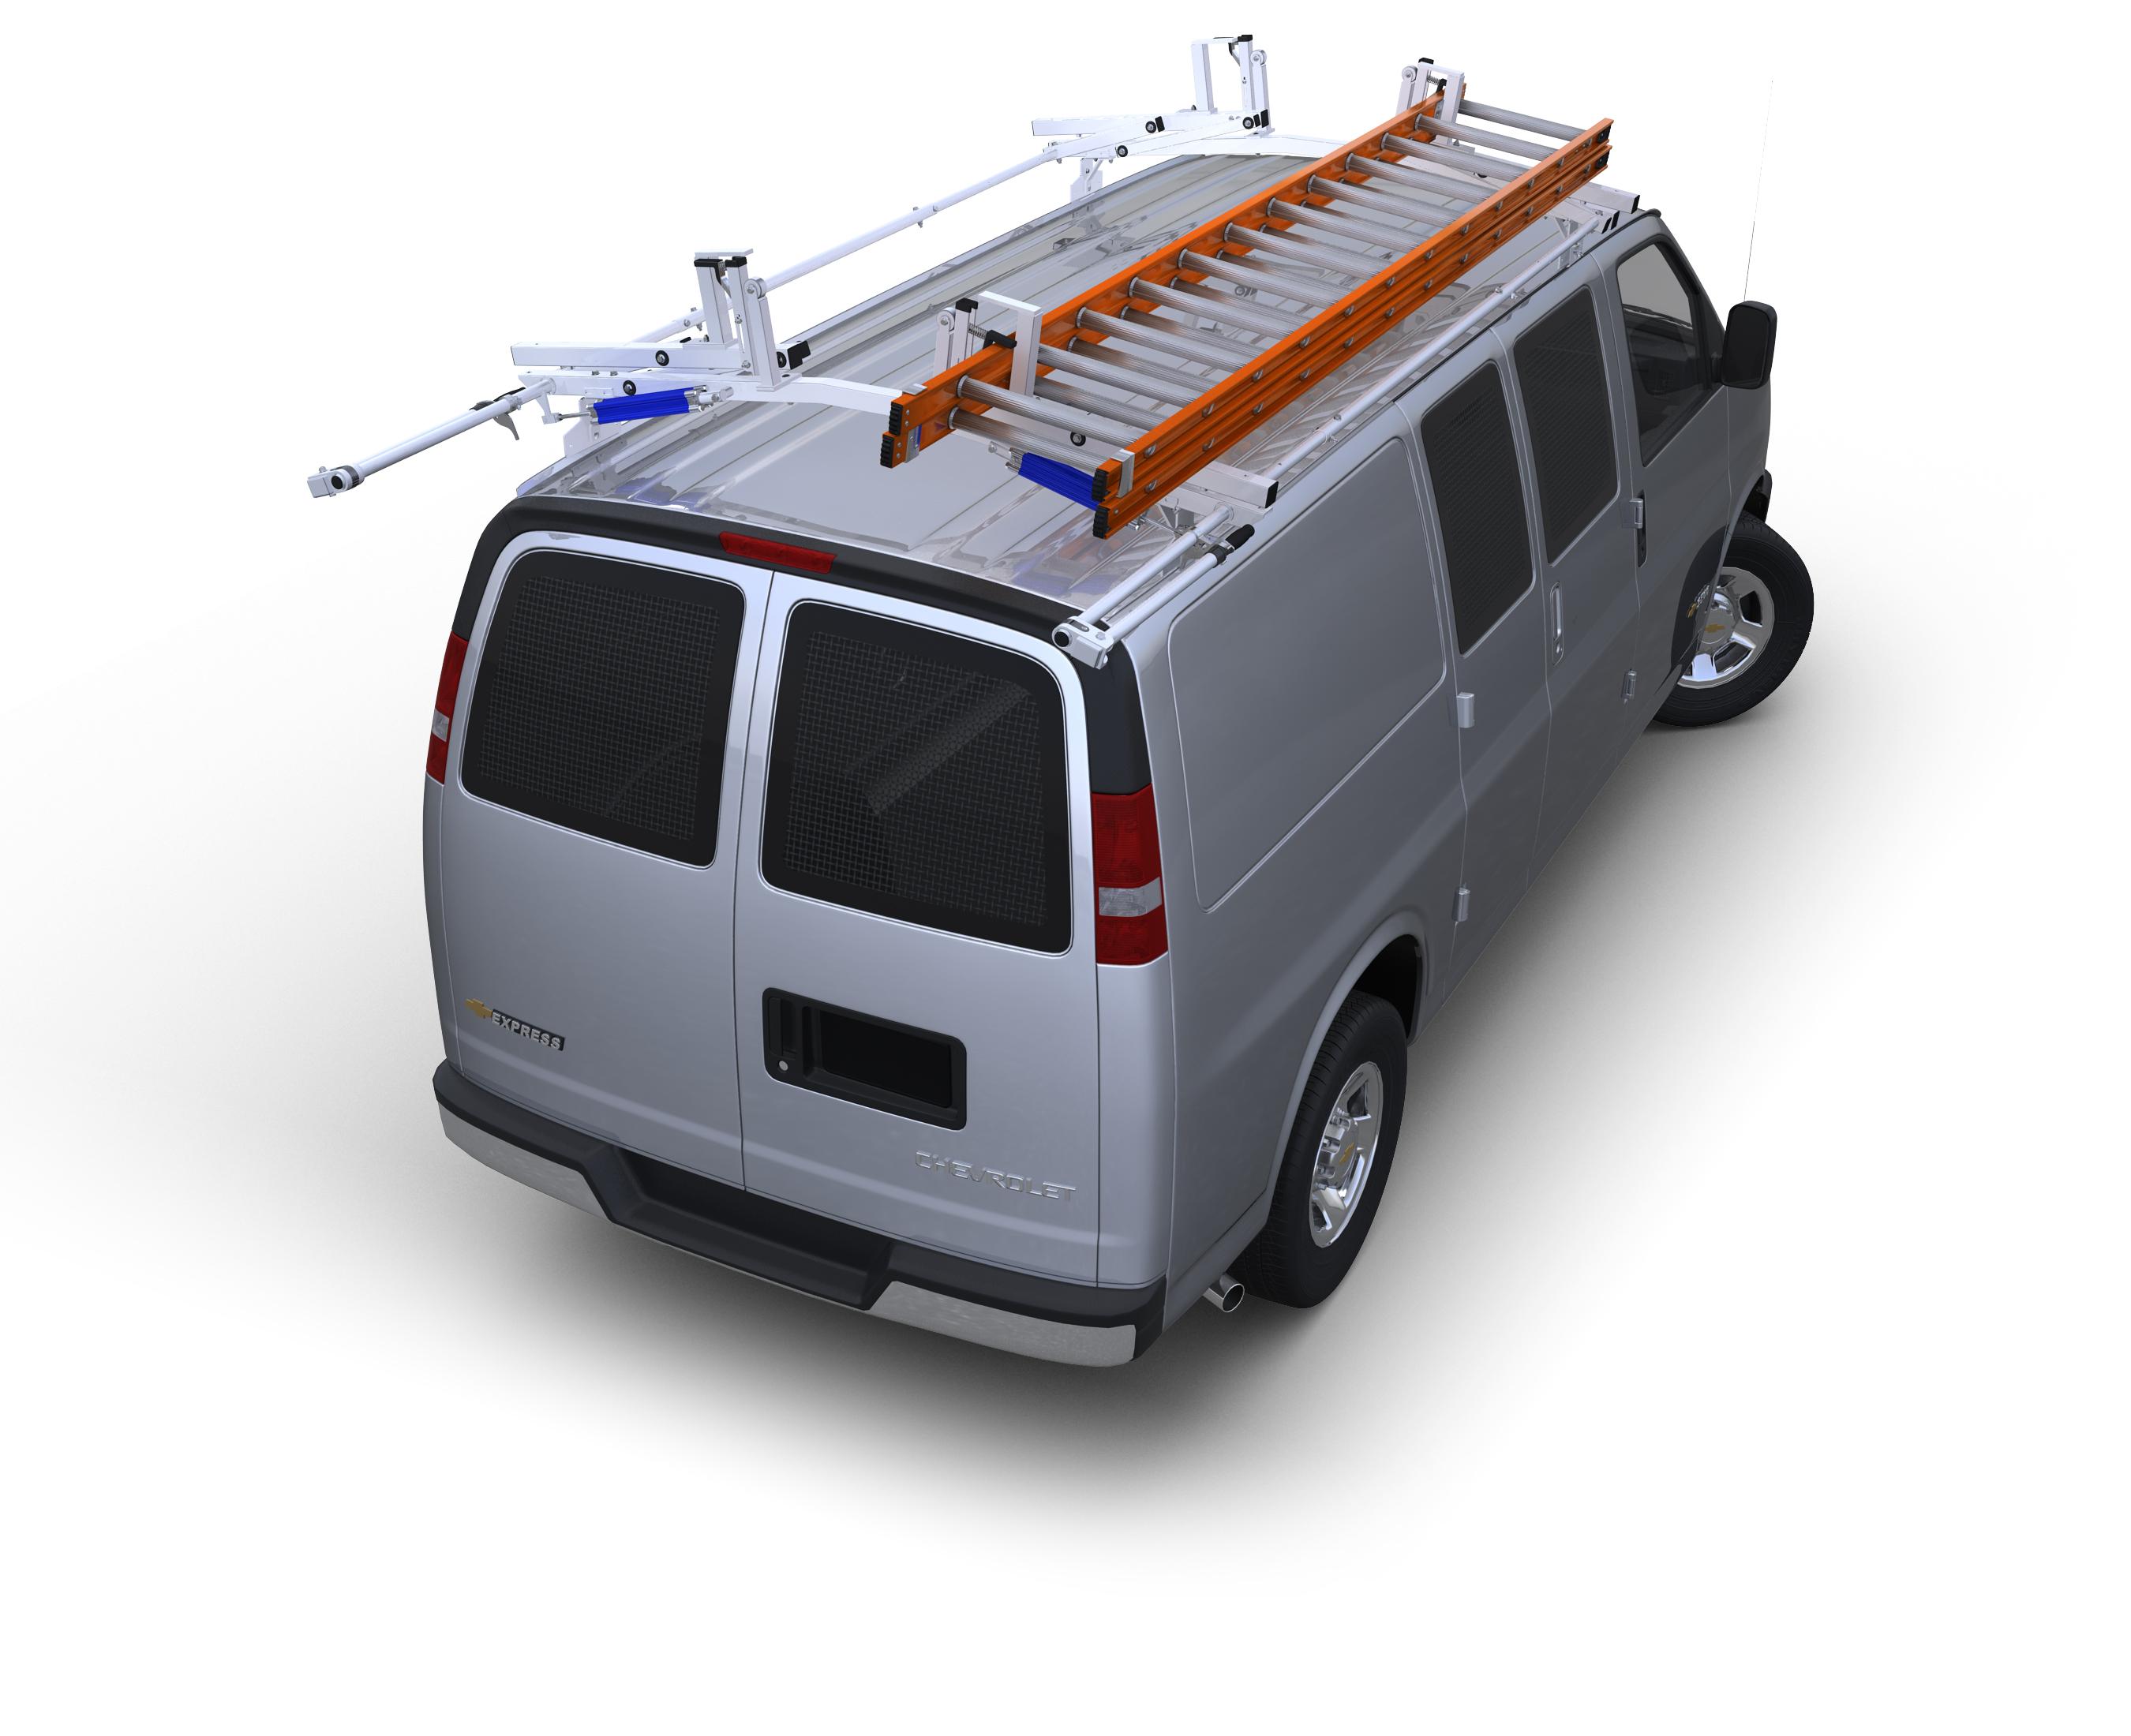 The All Aluminum AluRack™ Cargo Carrier for Sprinter Vans